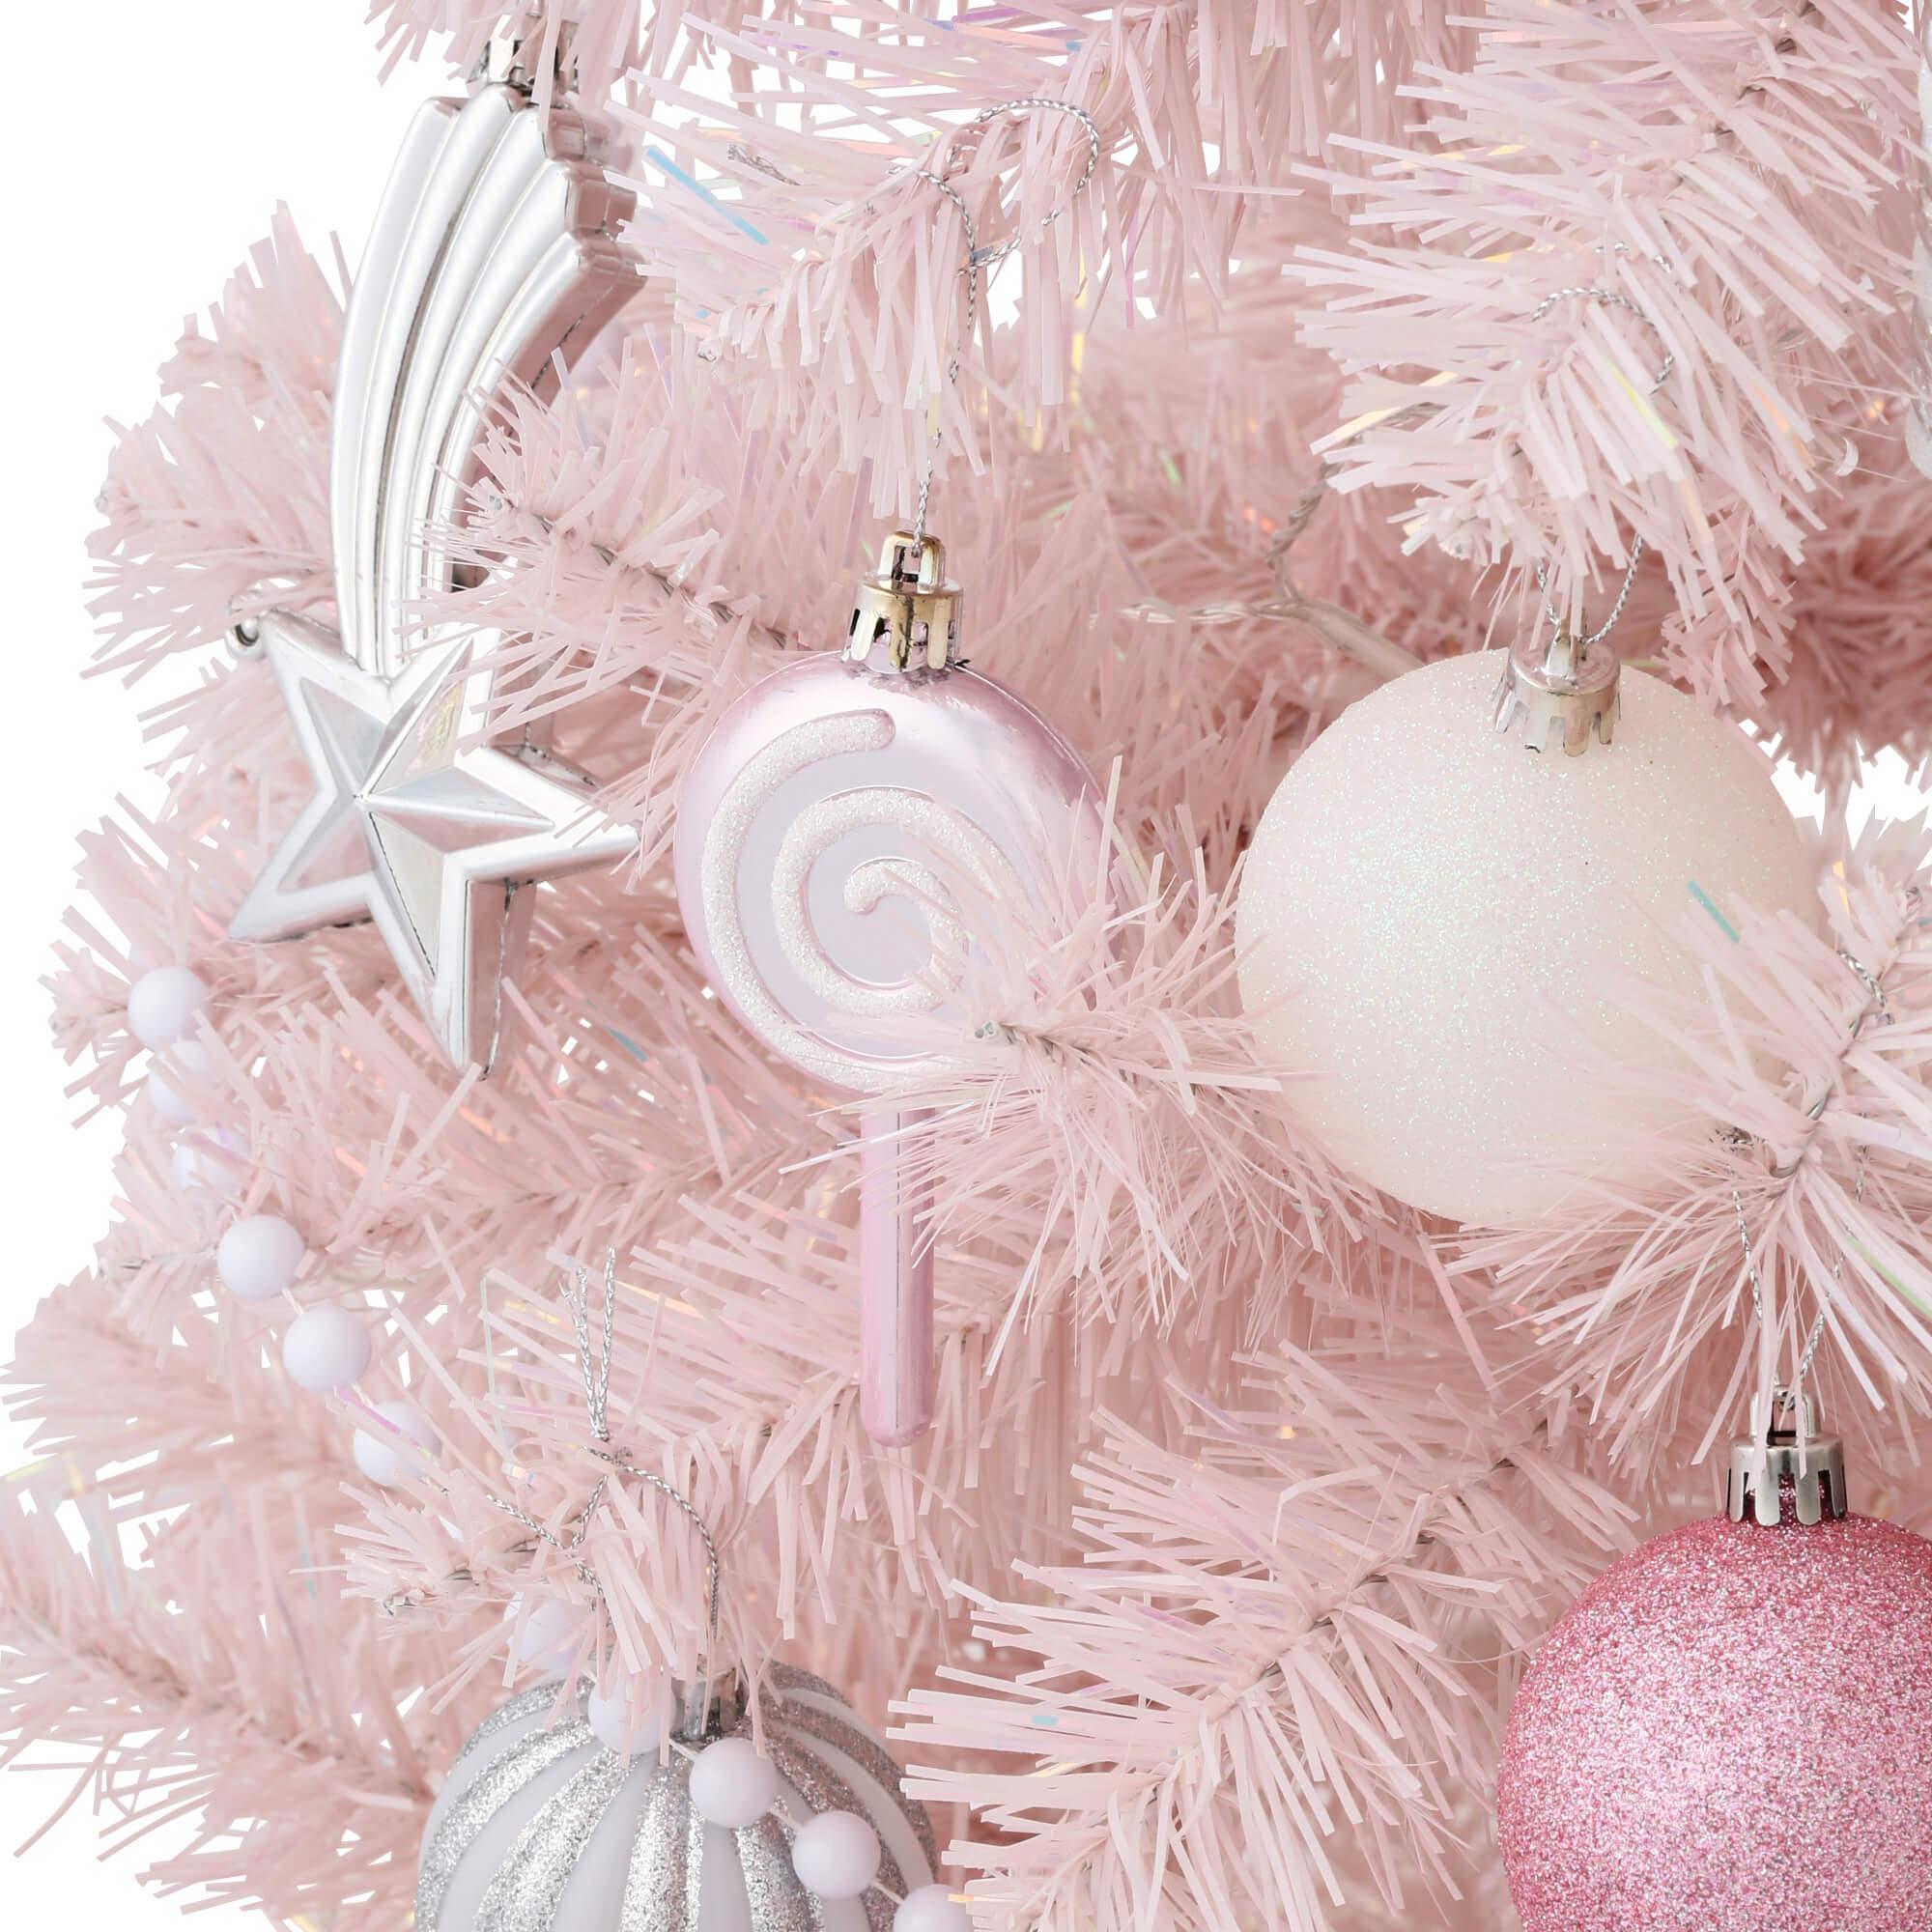 クリスマスツリー スターターセット150cm ピンクのオーナメント